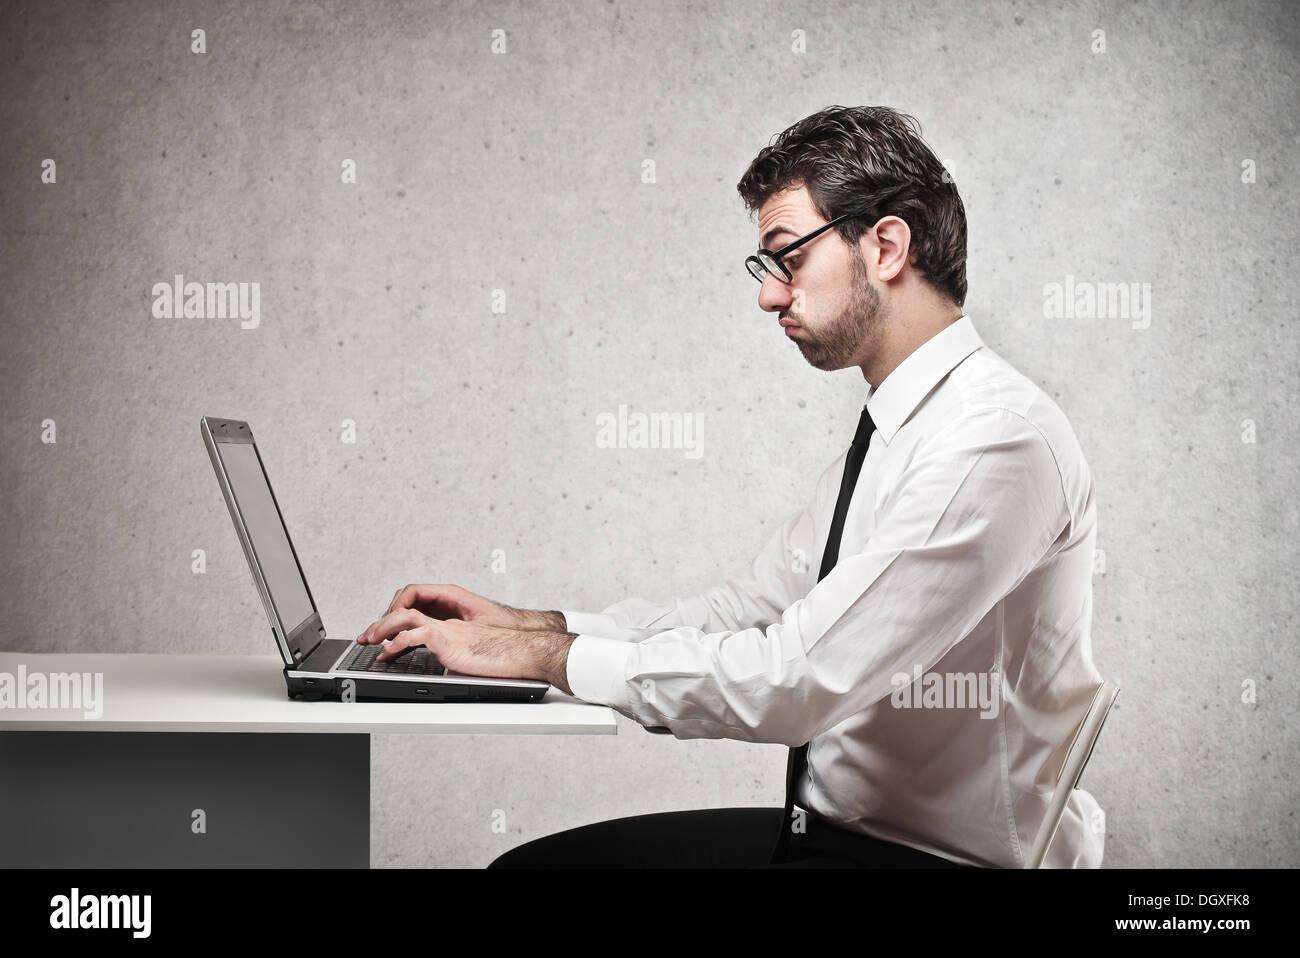 Lavoratore di ufficio utilizzando un computer portatile Immagini Stock